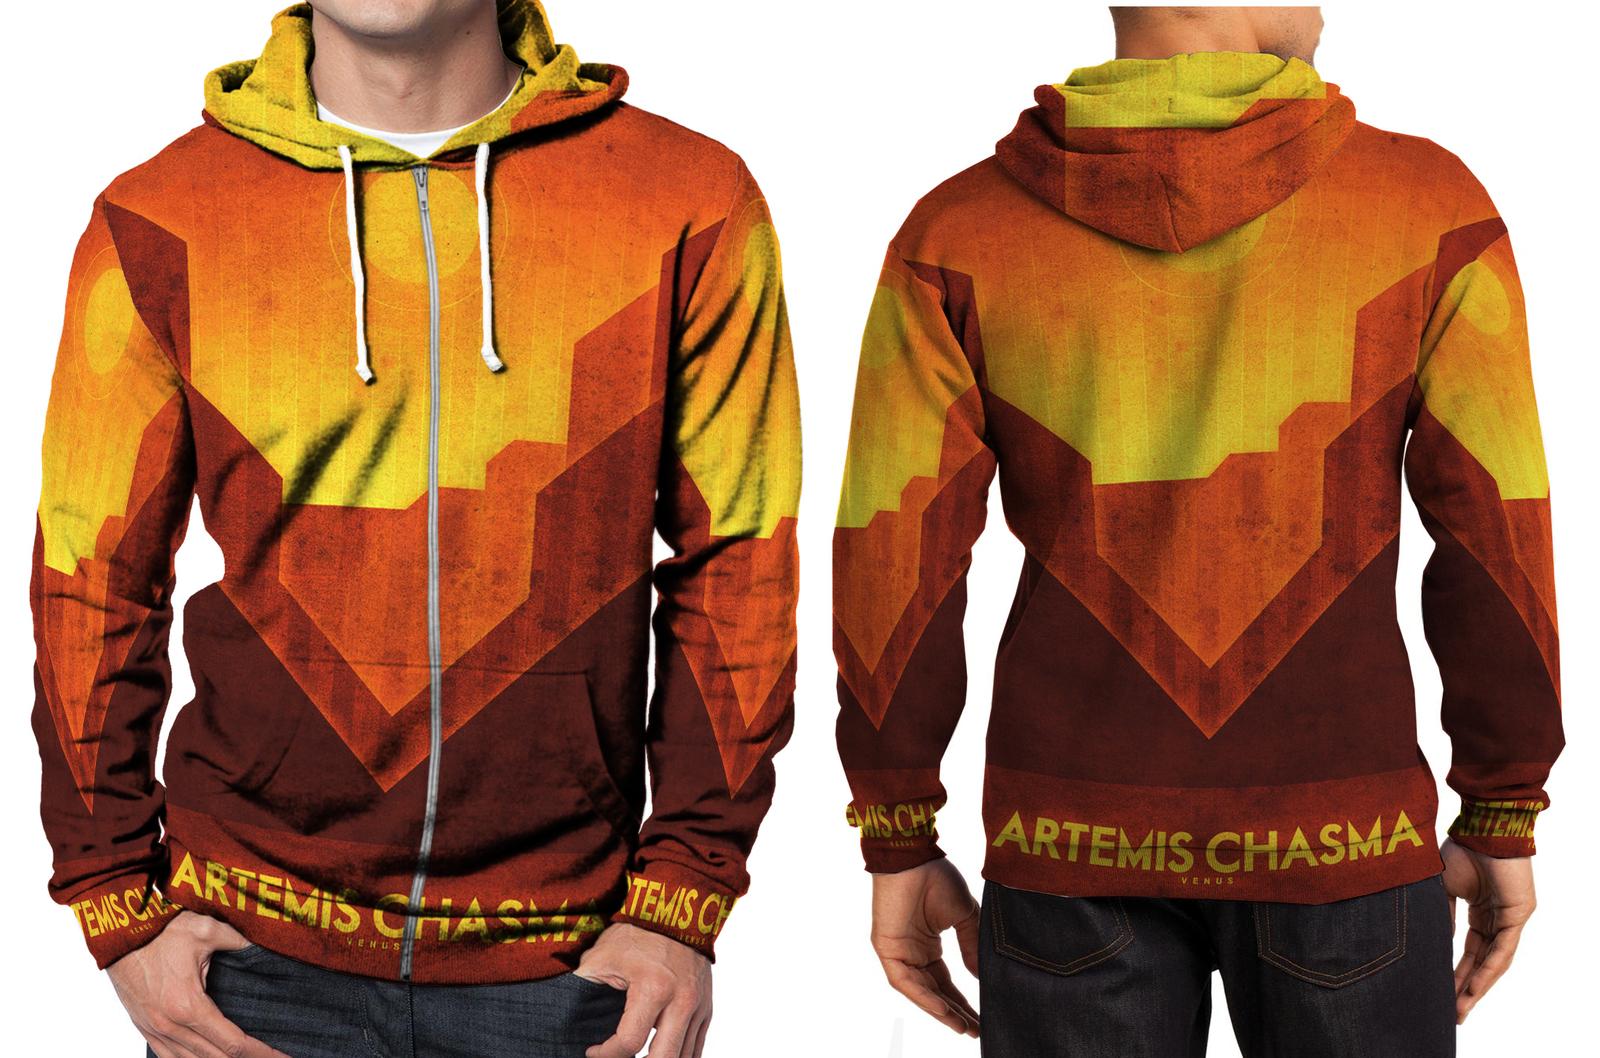 Venus artemis chasma zipper hoodie men s